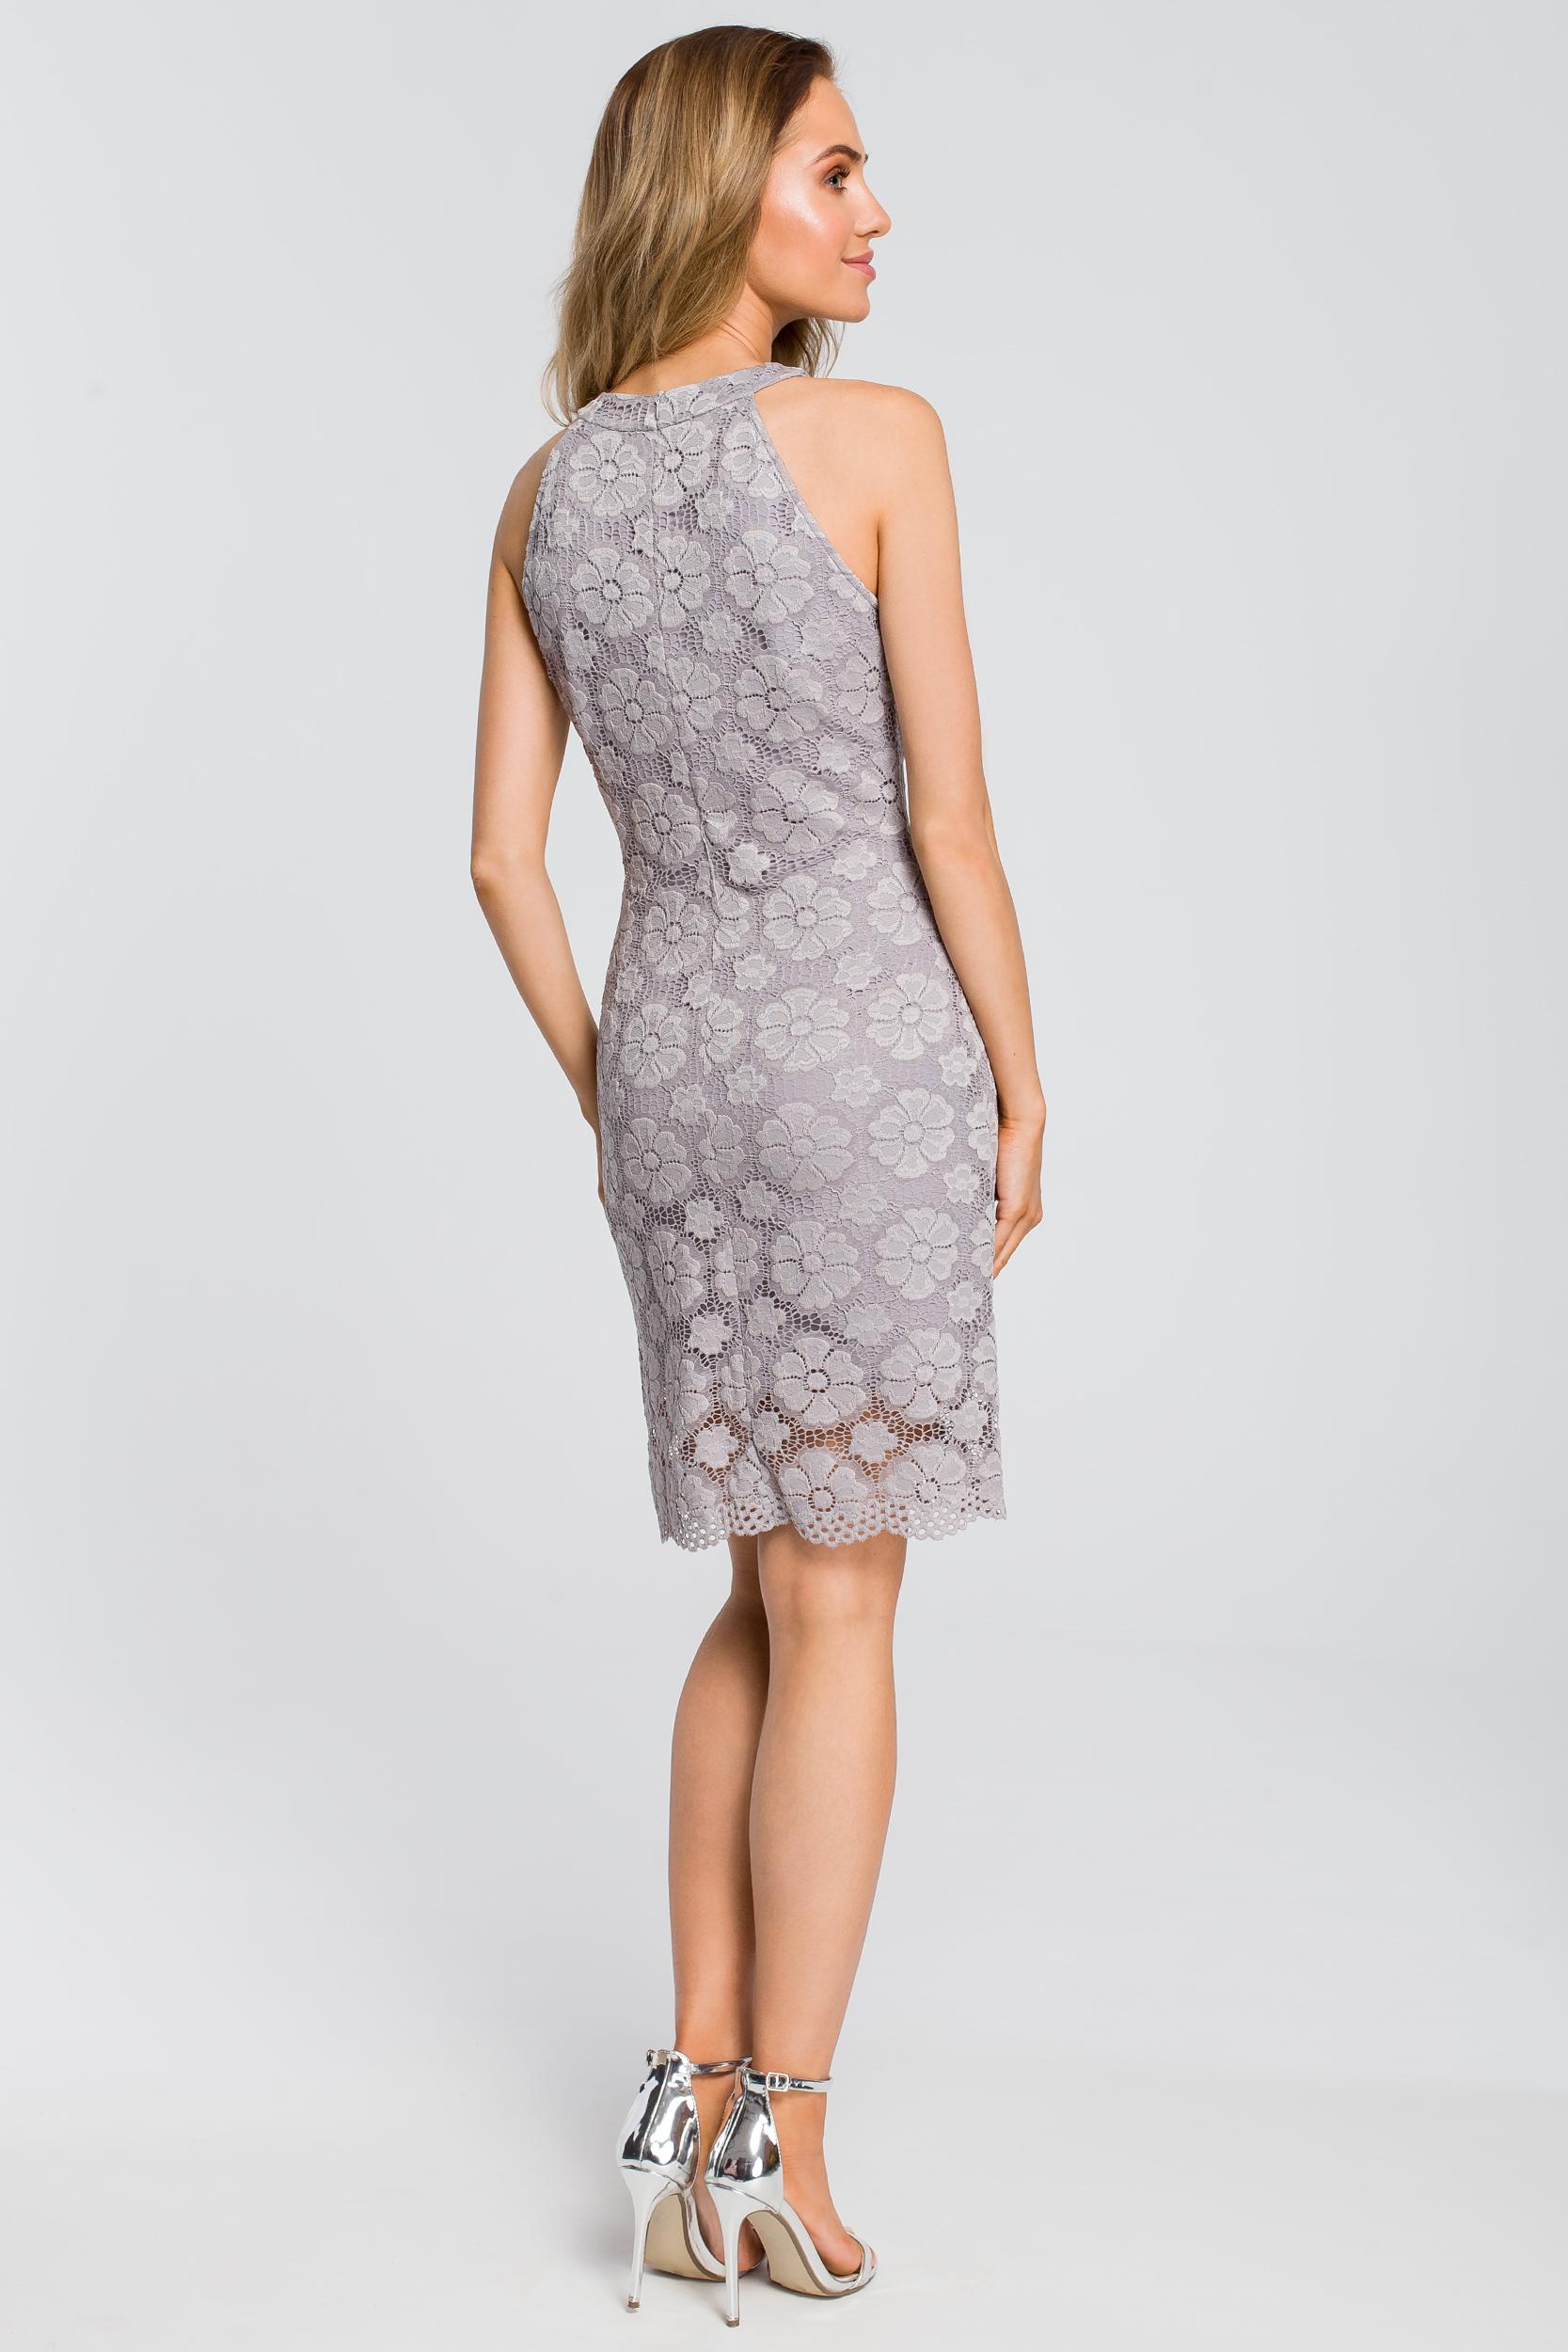 CM4112 Dopasowana sukienka koronkowa - szara